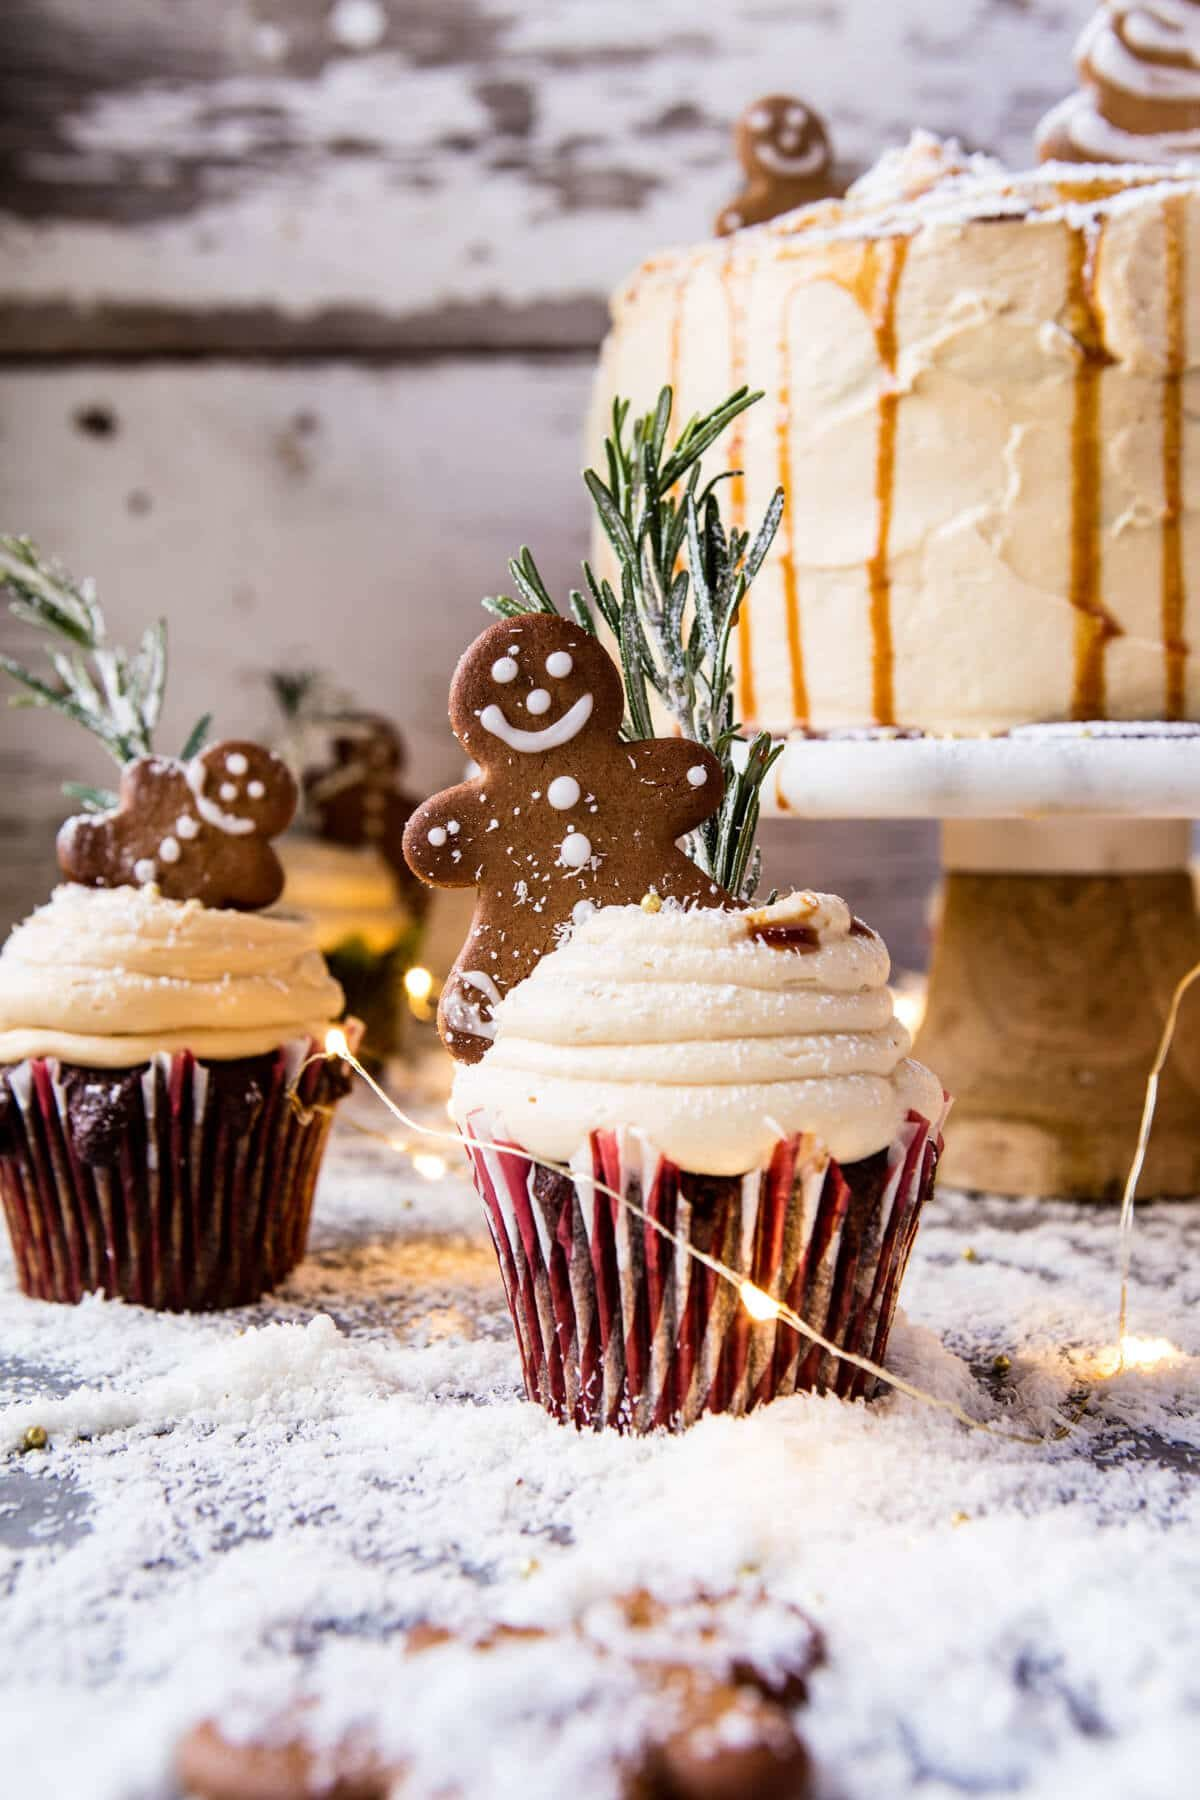 Τα ωραιότερα χριστουγεννιάτικα cupcakes των φετινών γιορτών